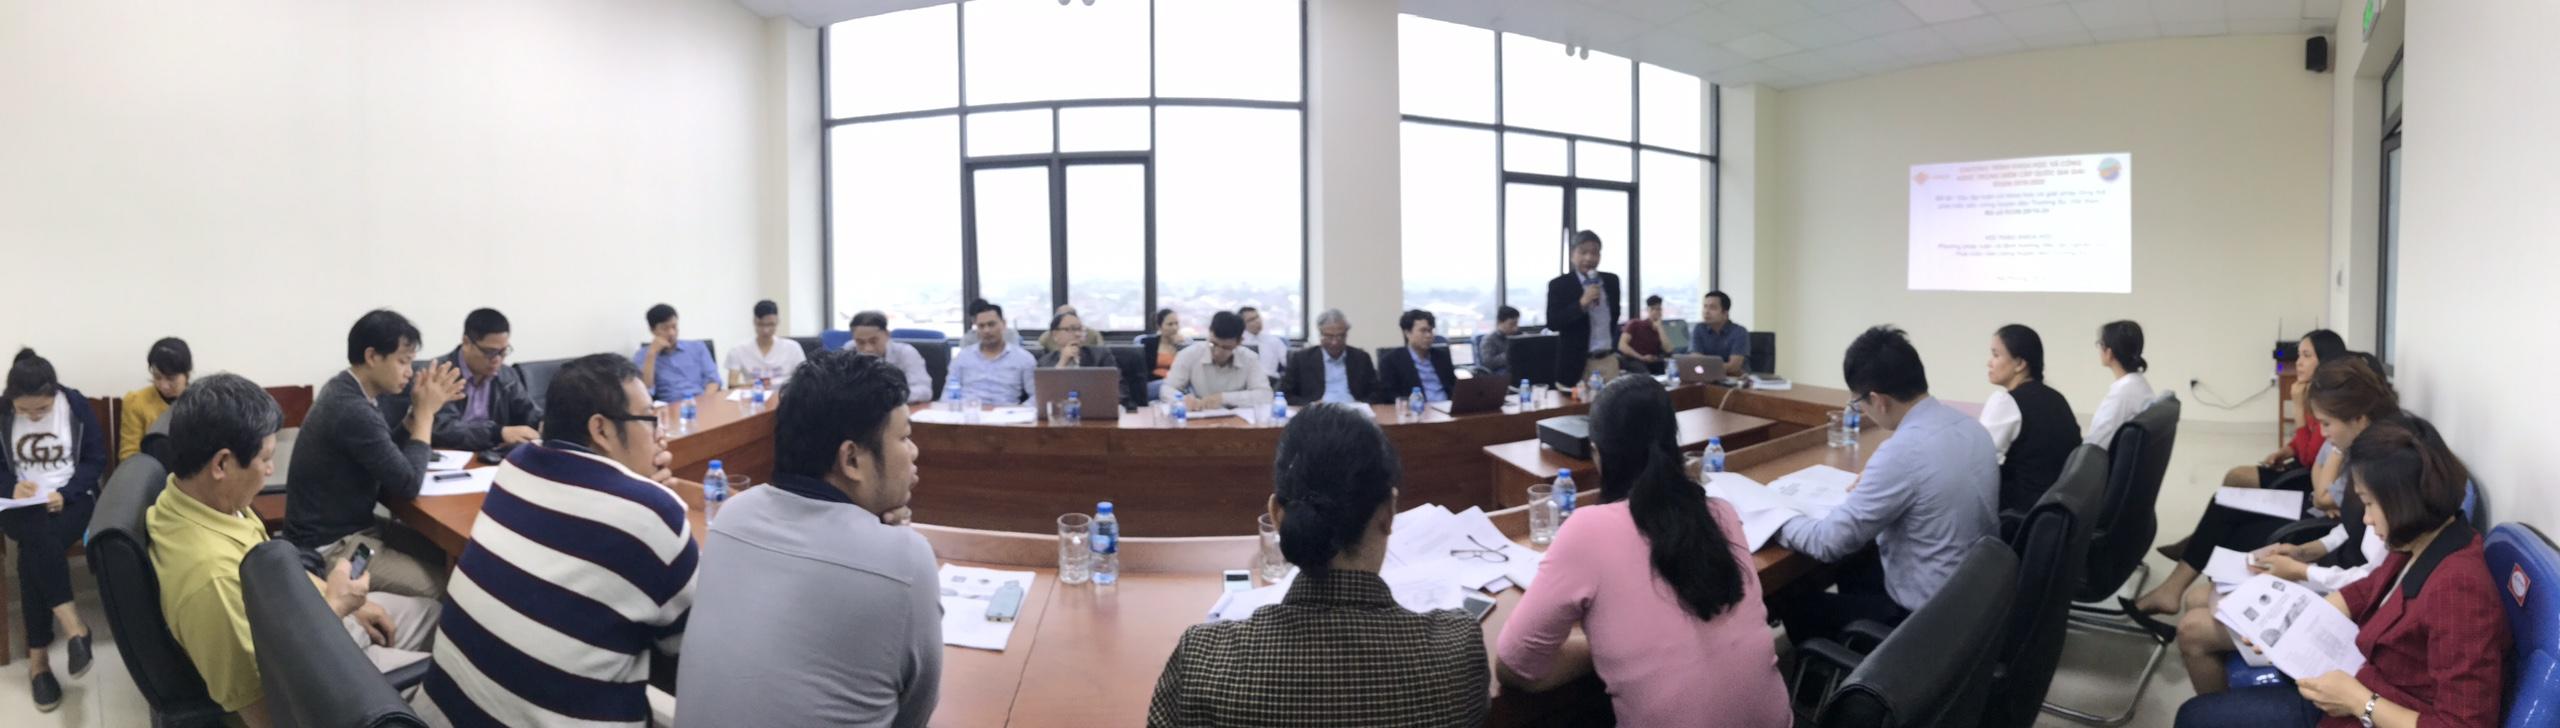 Phát triển bền vững huyện đảo Trường Sa, tỉnh Khánh Hòa